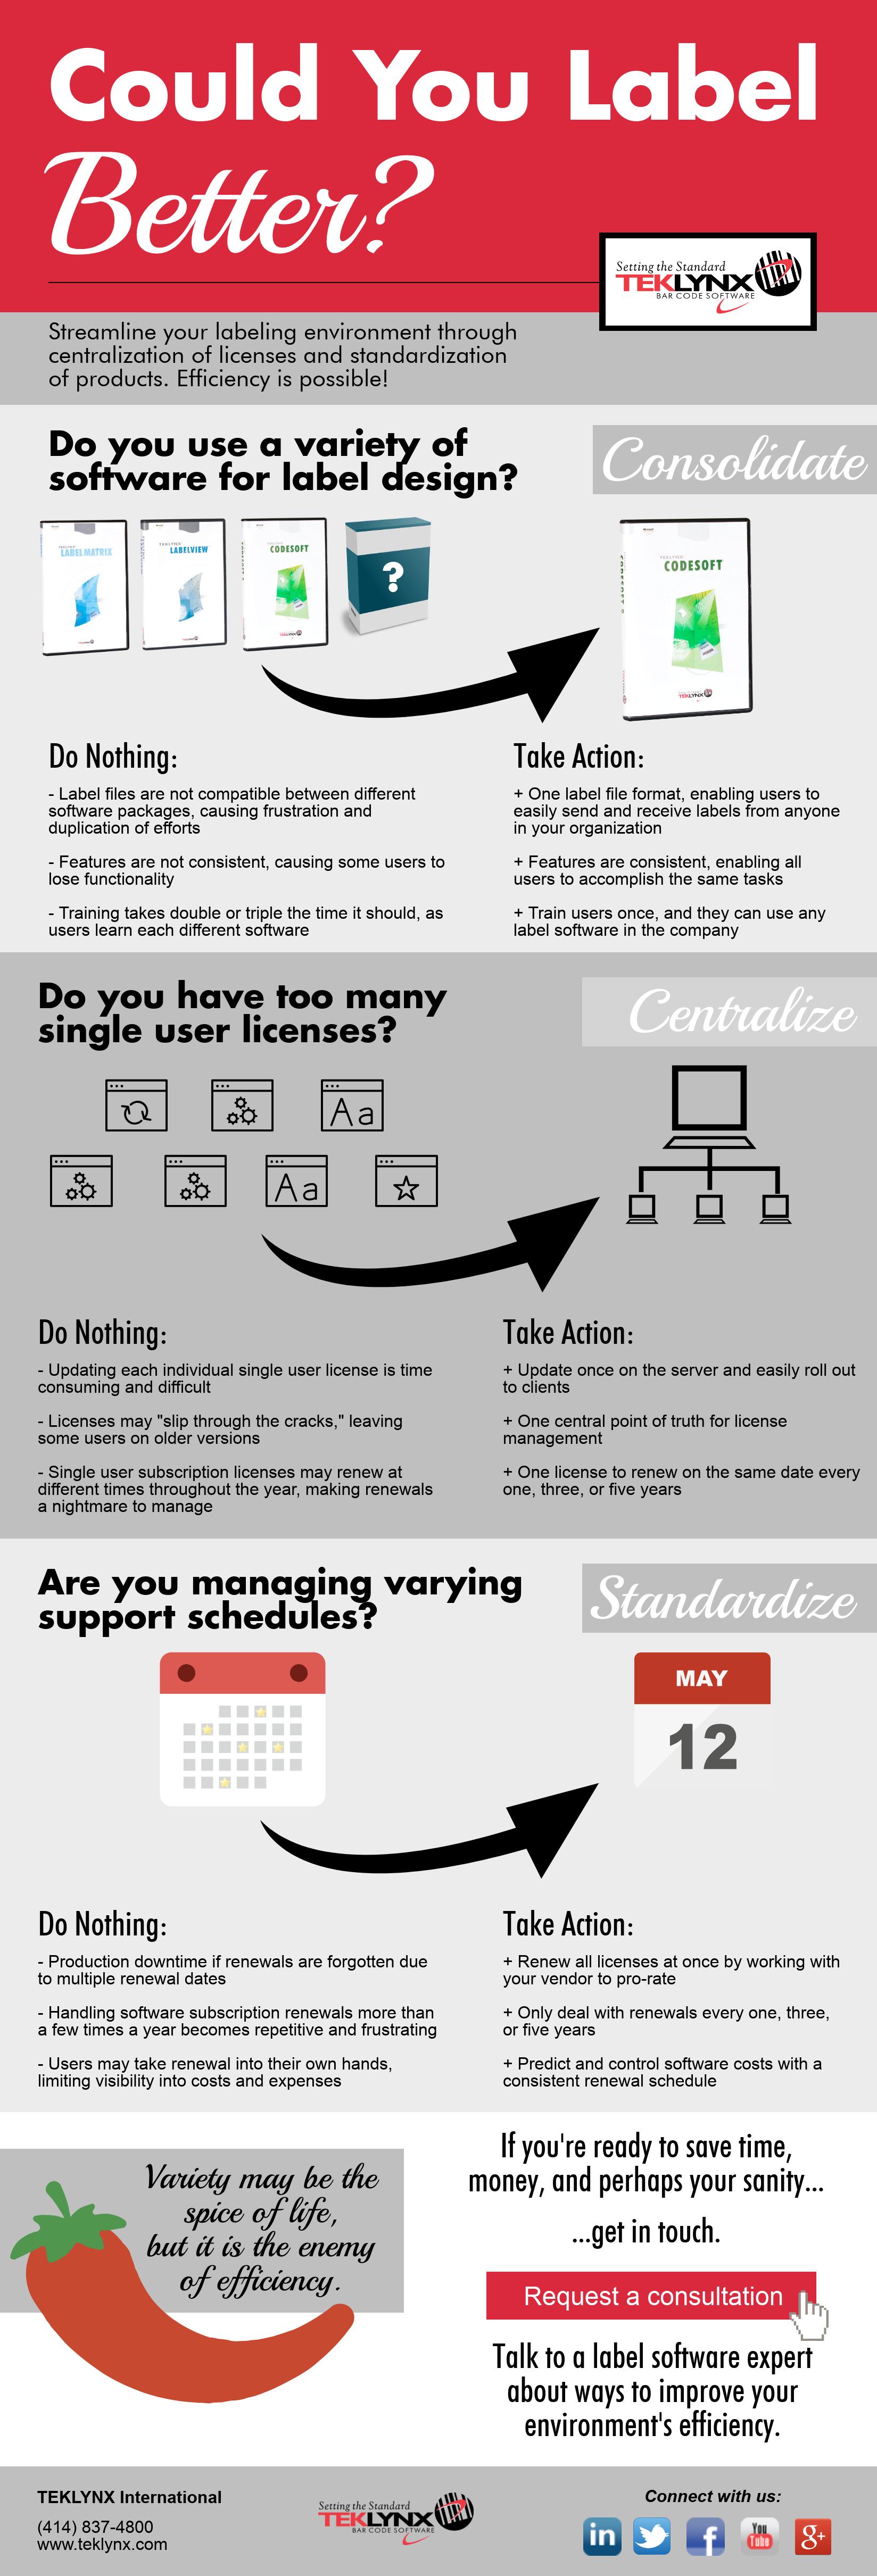 信息图:您的标签操作能力增强了吗?